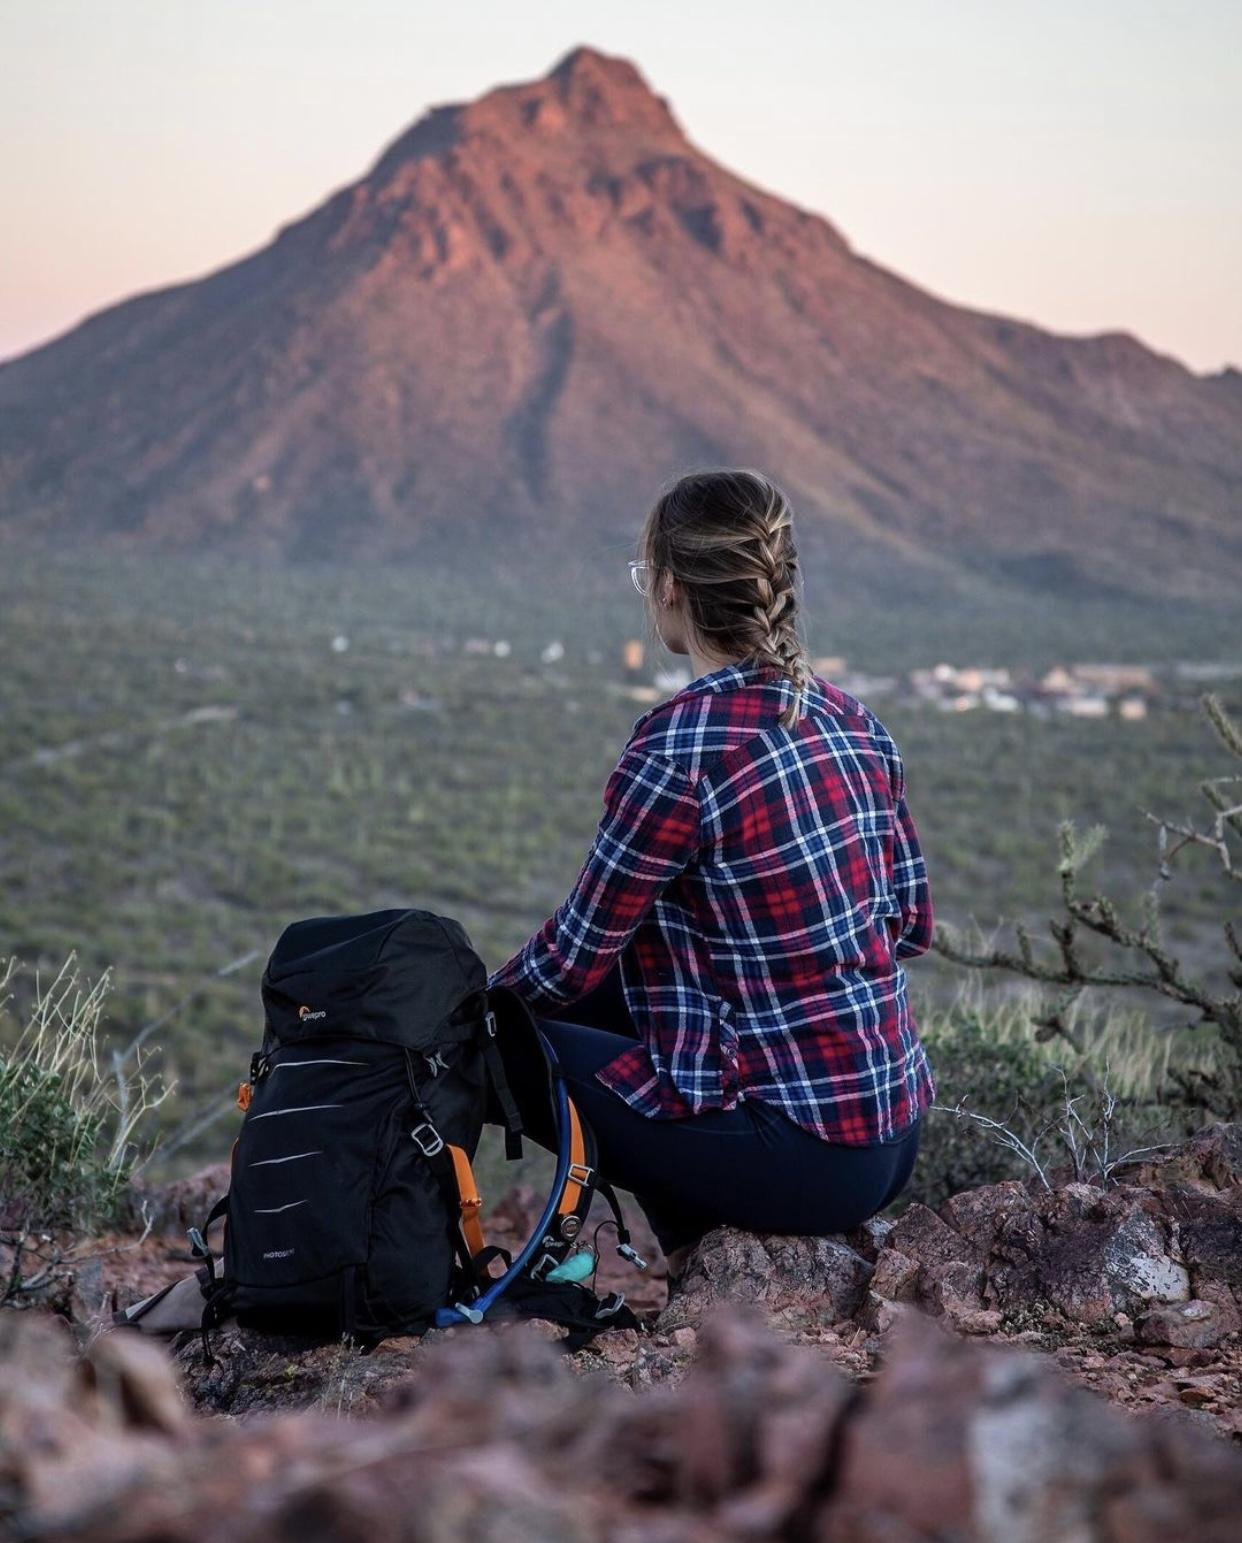 woman hiking next to mountain